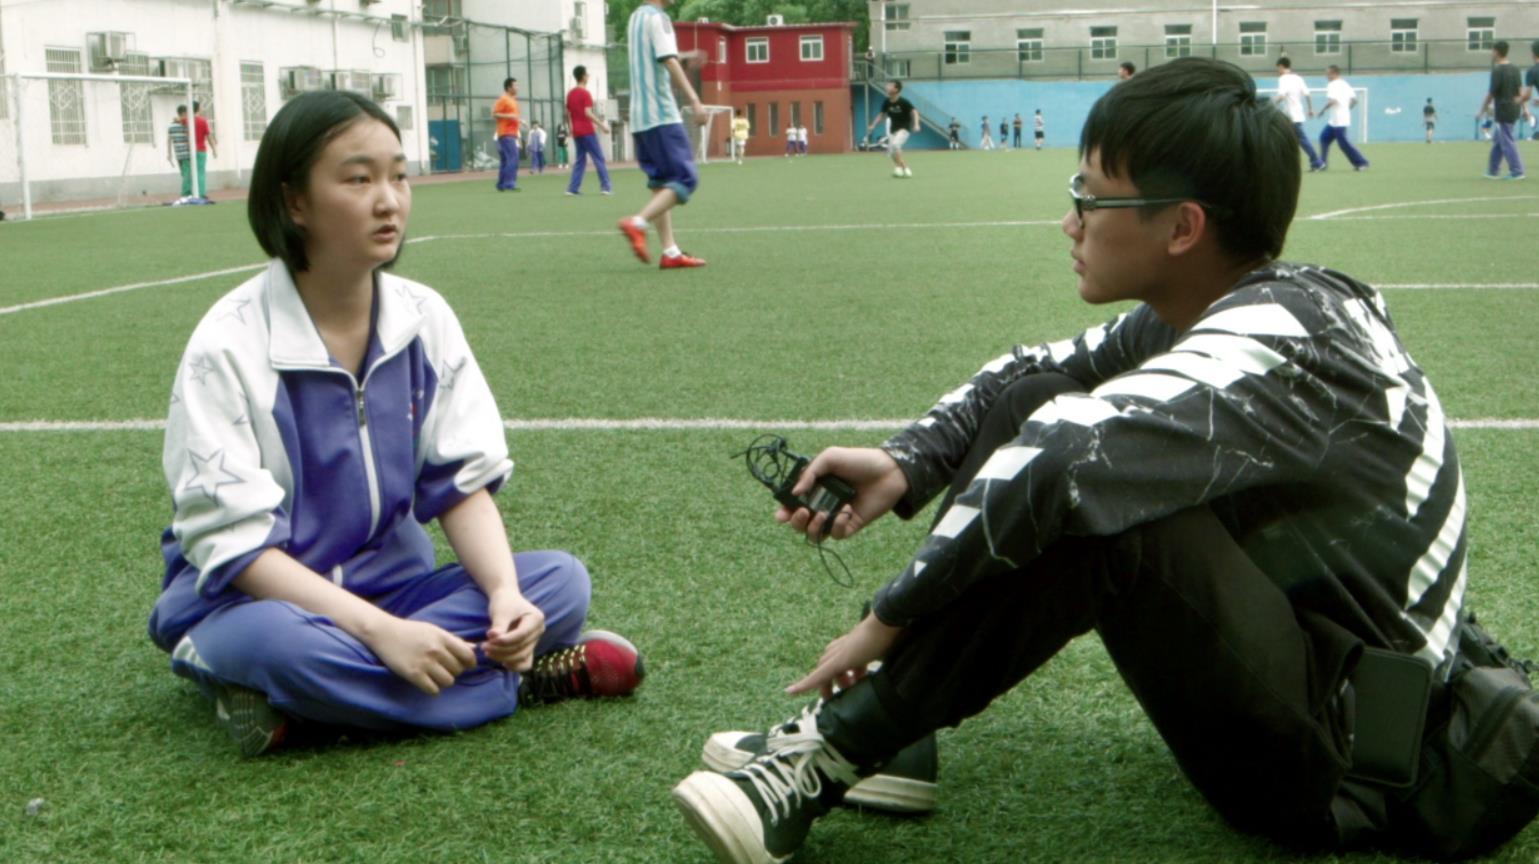 《十六岁》黄星瑞采访同龄人.jpg